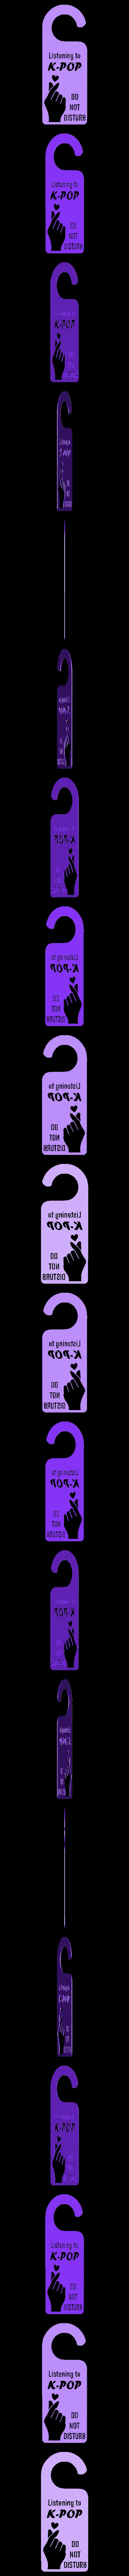 KPop Hanger.stl Télécharger fichier STL gratuit Le panneau de poignée de porte KPop ne dérange pas • Modèle pour imprimante 3D, CheesmondN